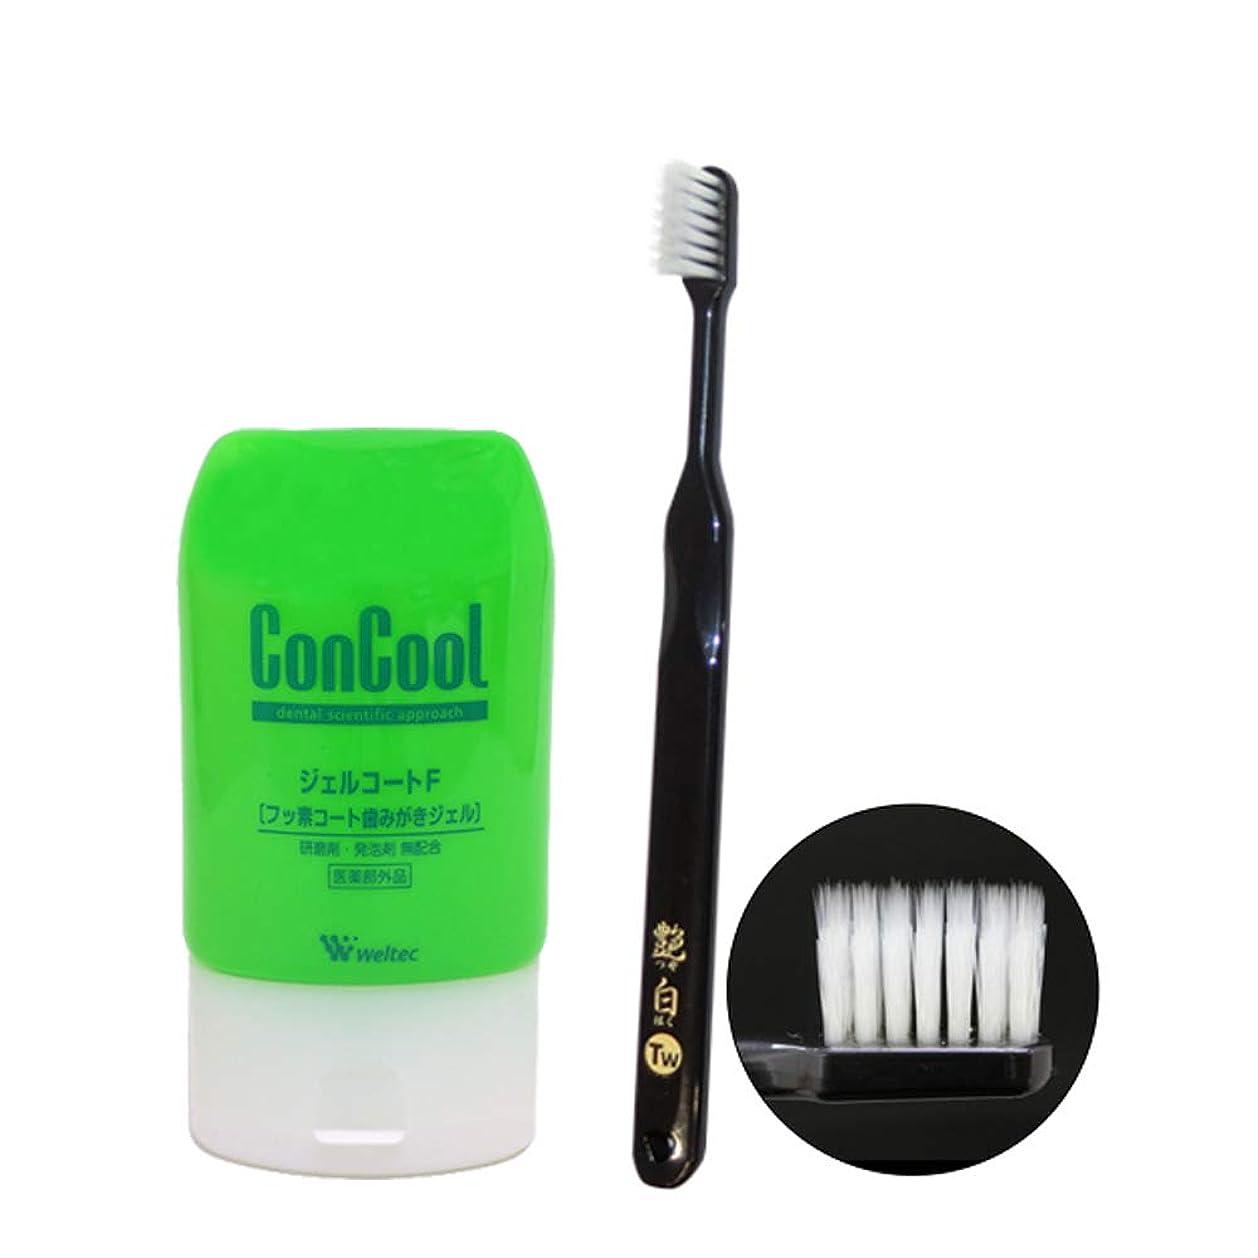 工夫する通路衰えるコンクール ジェルコートF 90g×1個 + 艶白 (つやはく) Tw ツイン (二段植毛) 歯ブラシ×1本 MS(やややわらかめ) 日本製 歯科専売品